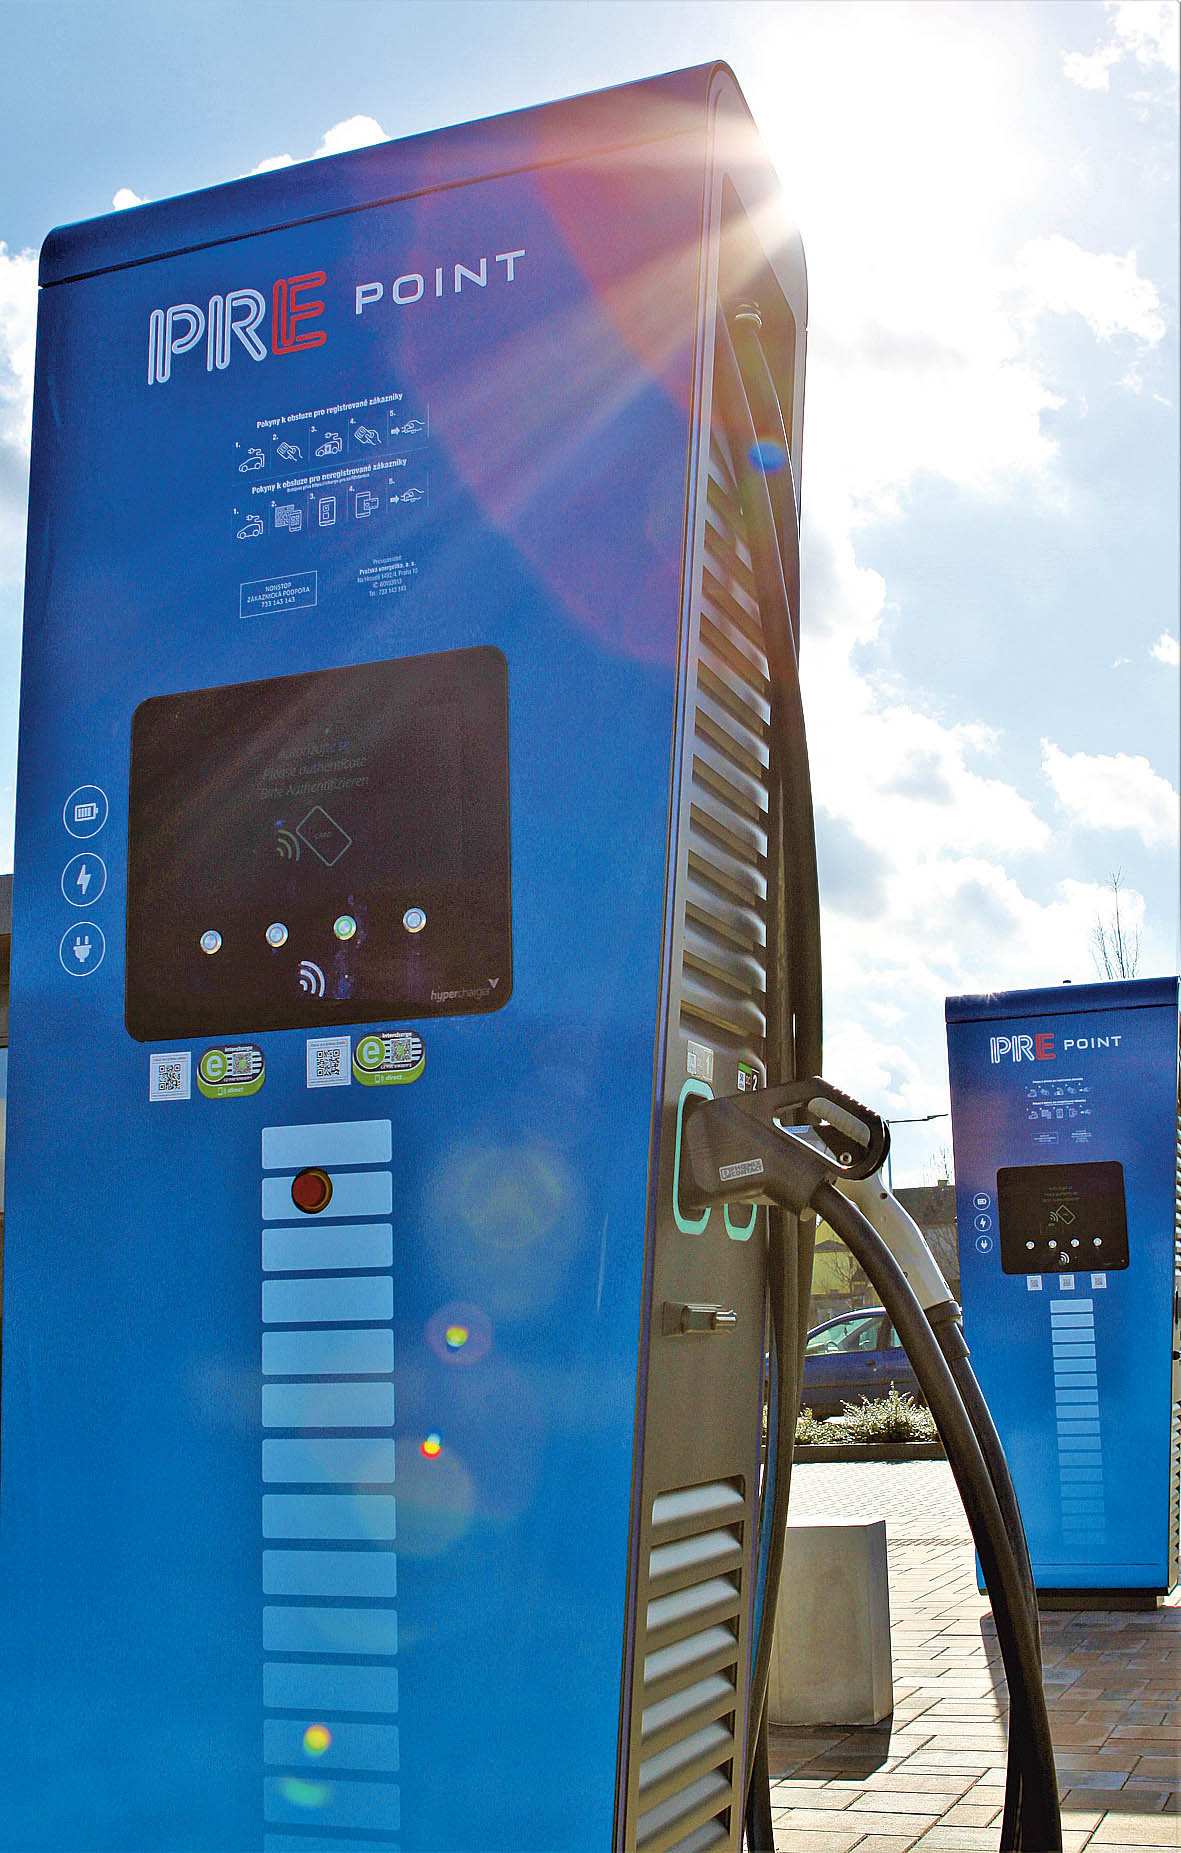 Spotřeba elektřiny naveřejných dobíjecích stanicích PREpoint vmeziročním srovnání vzrostla vetřetím čtvrtletí o139 procent.